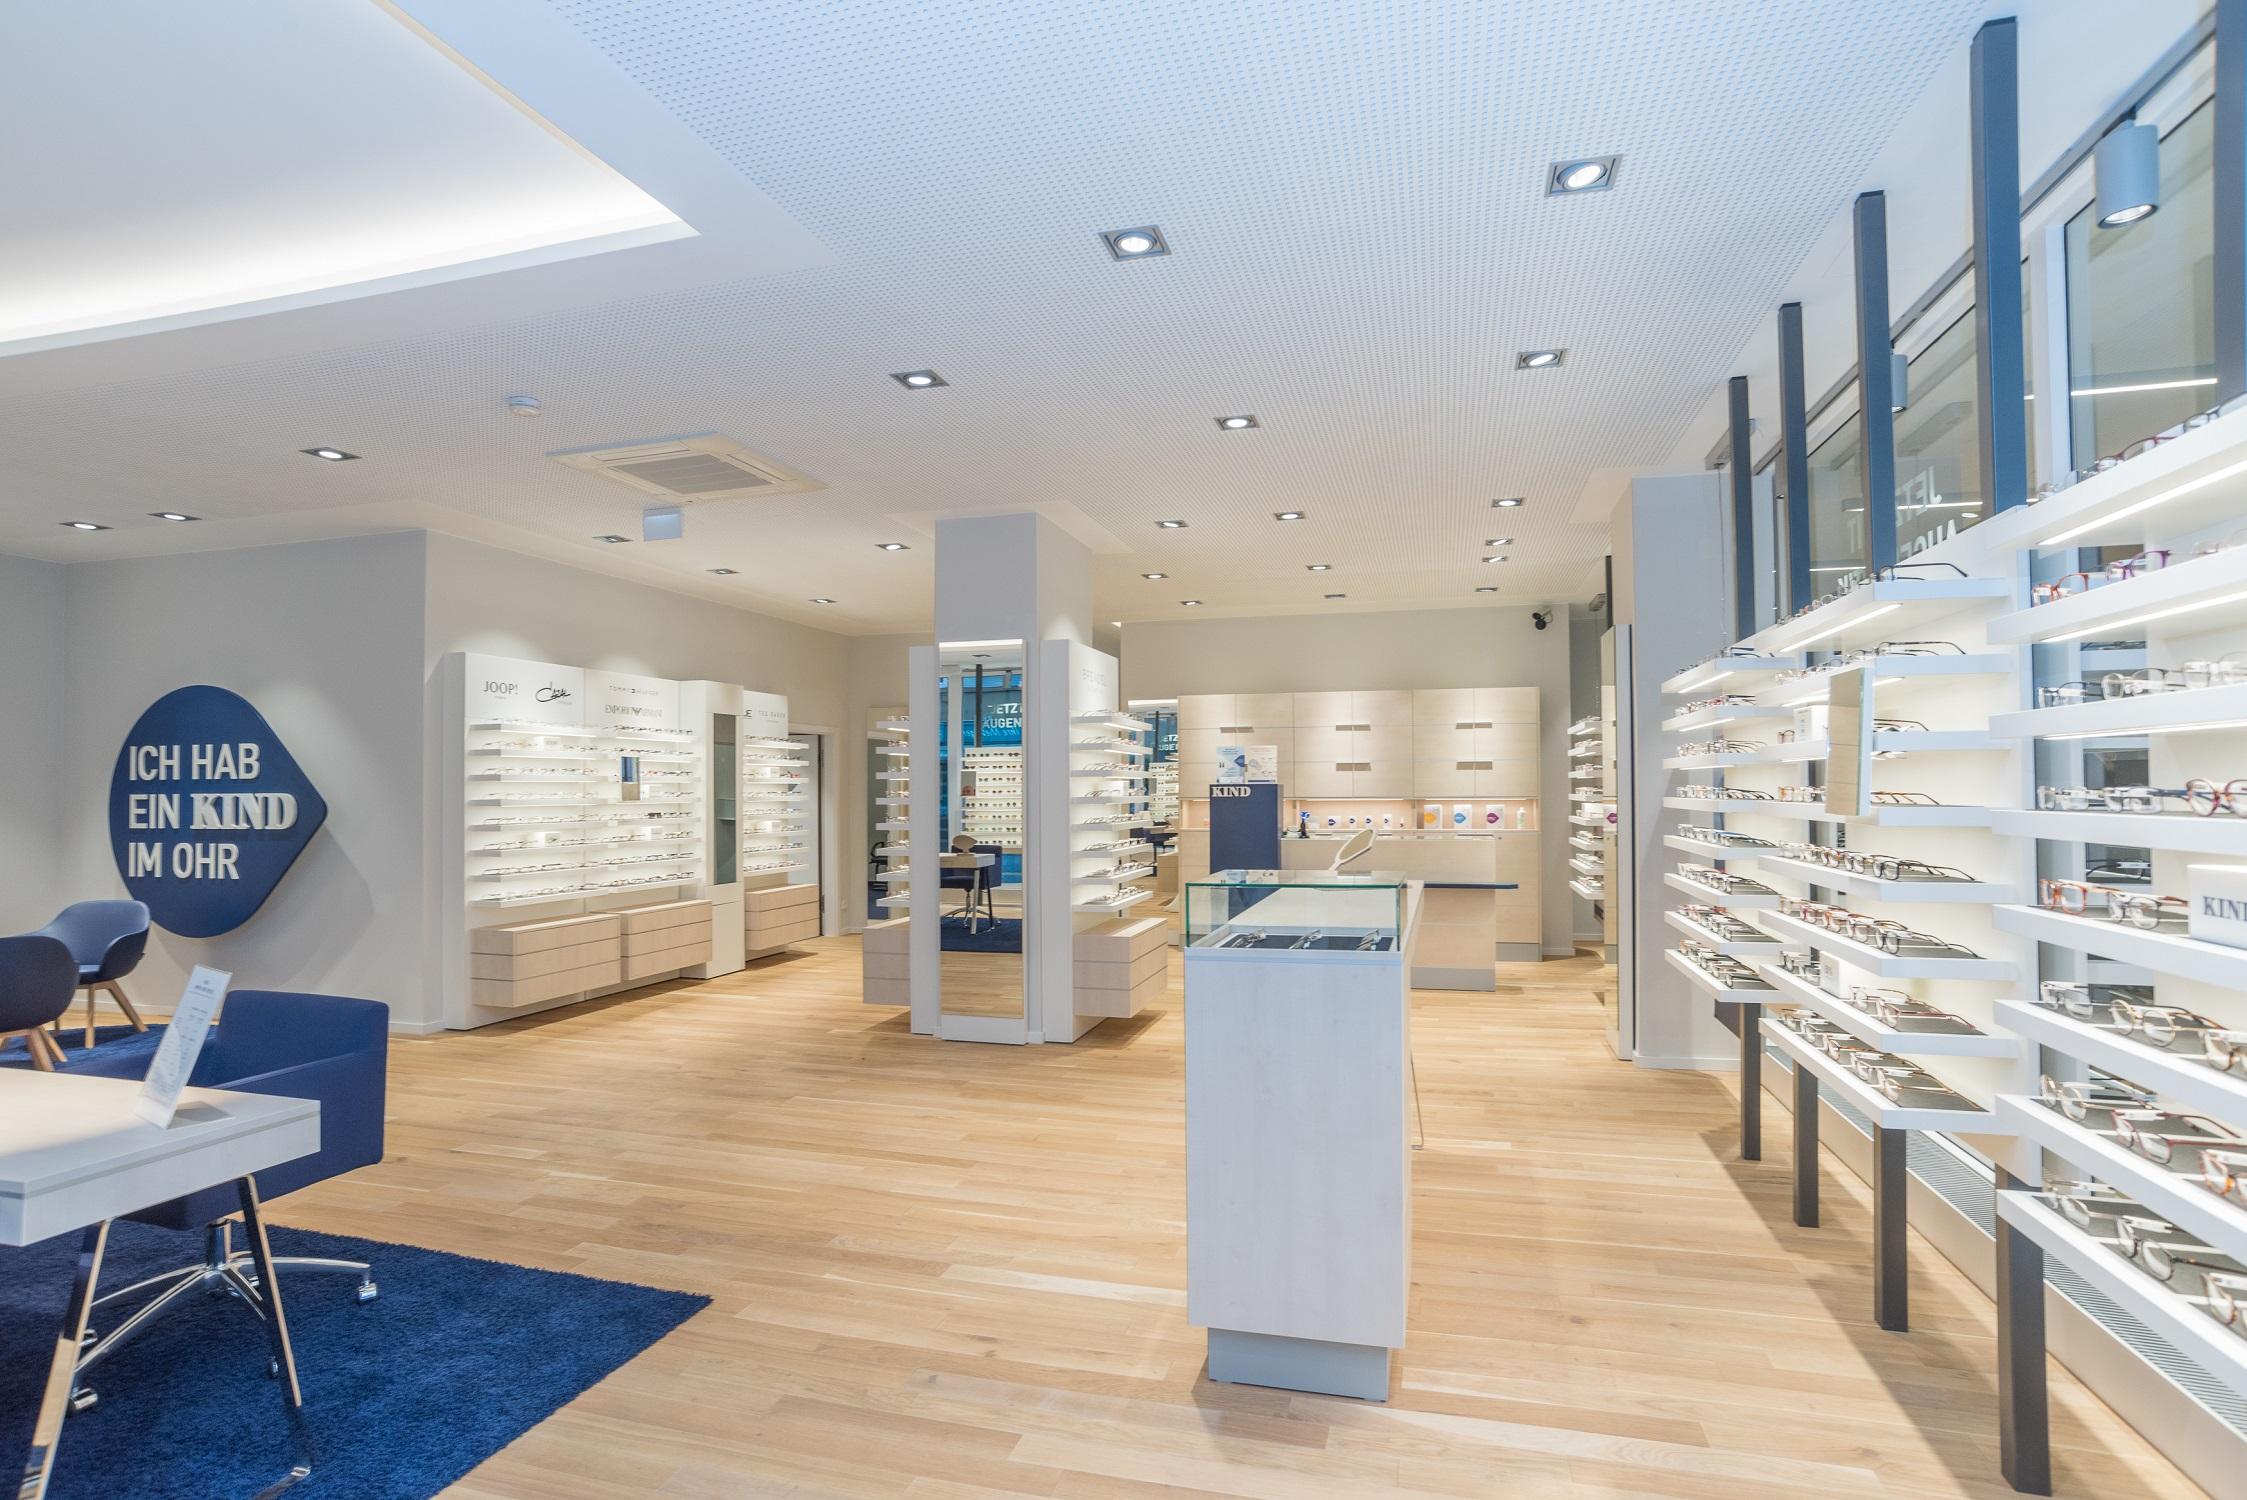 KIND Hörgeräte & Augenoptik Kaiserslautern